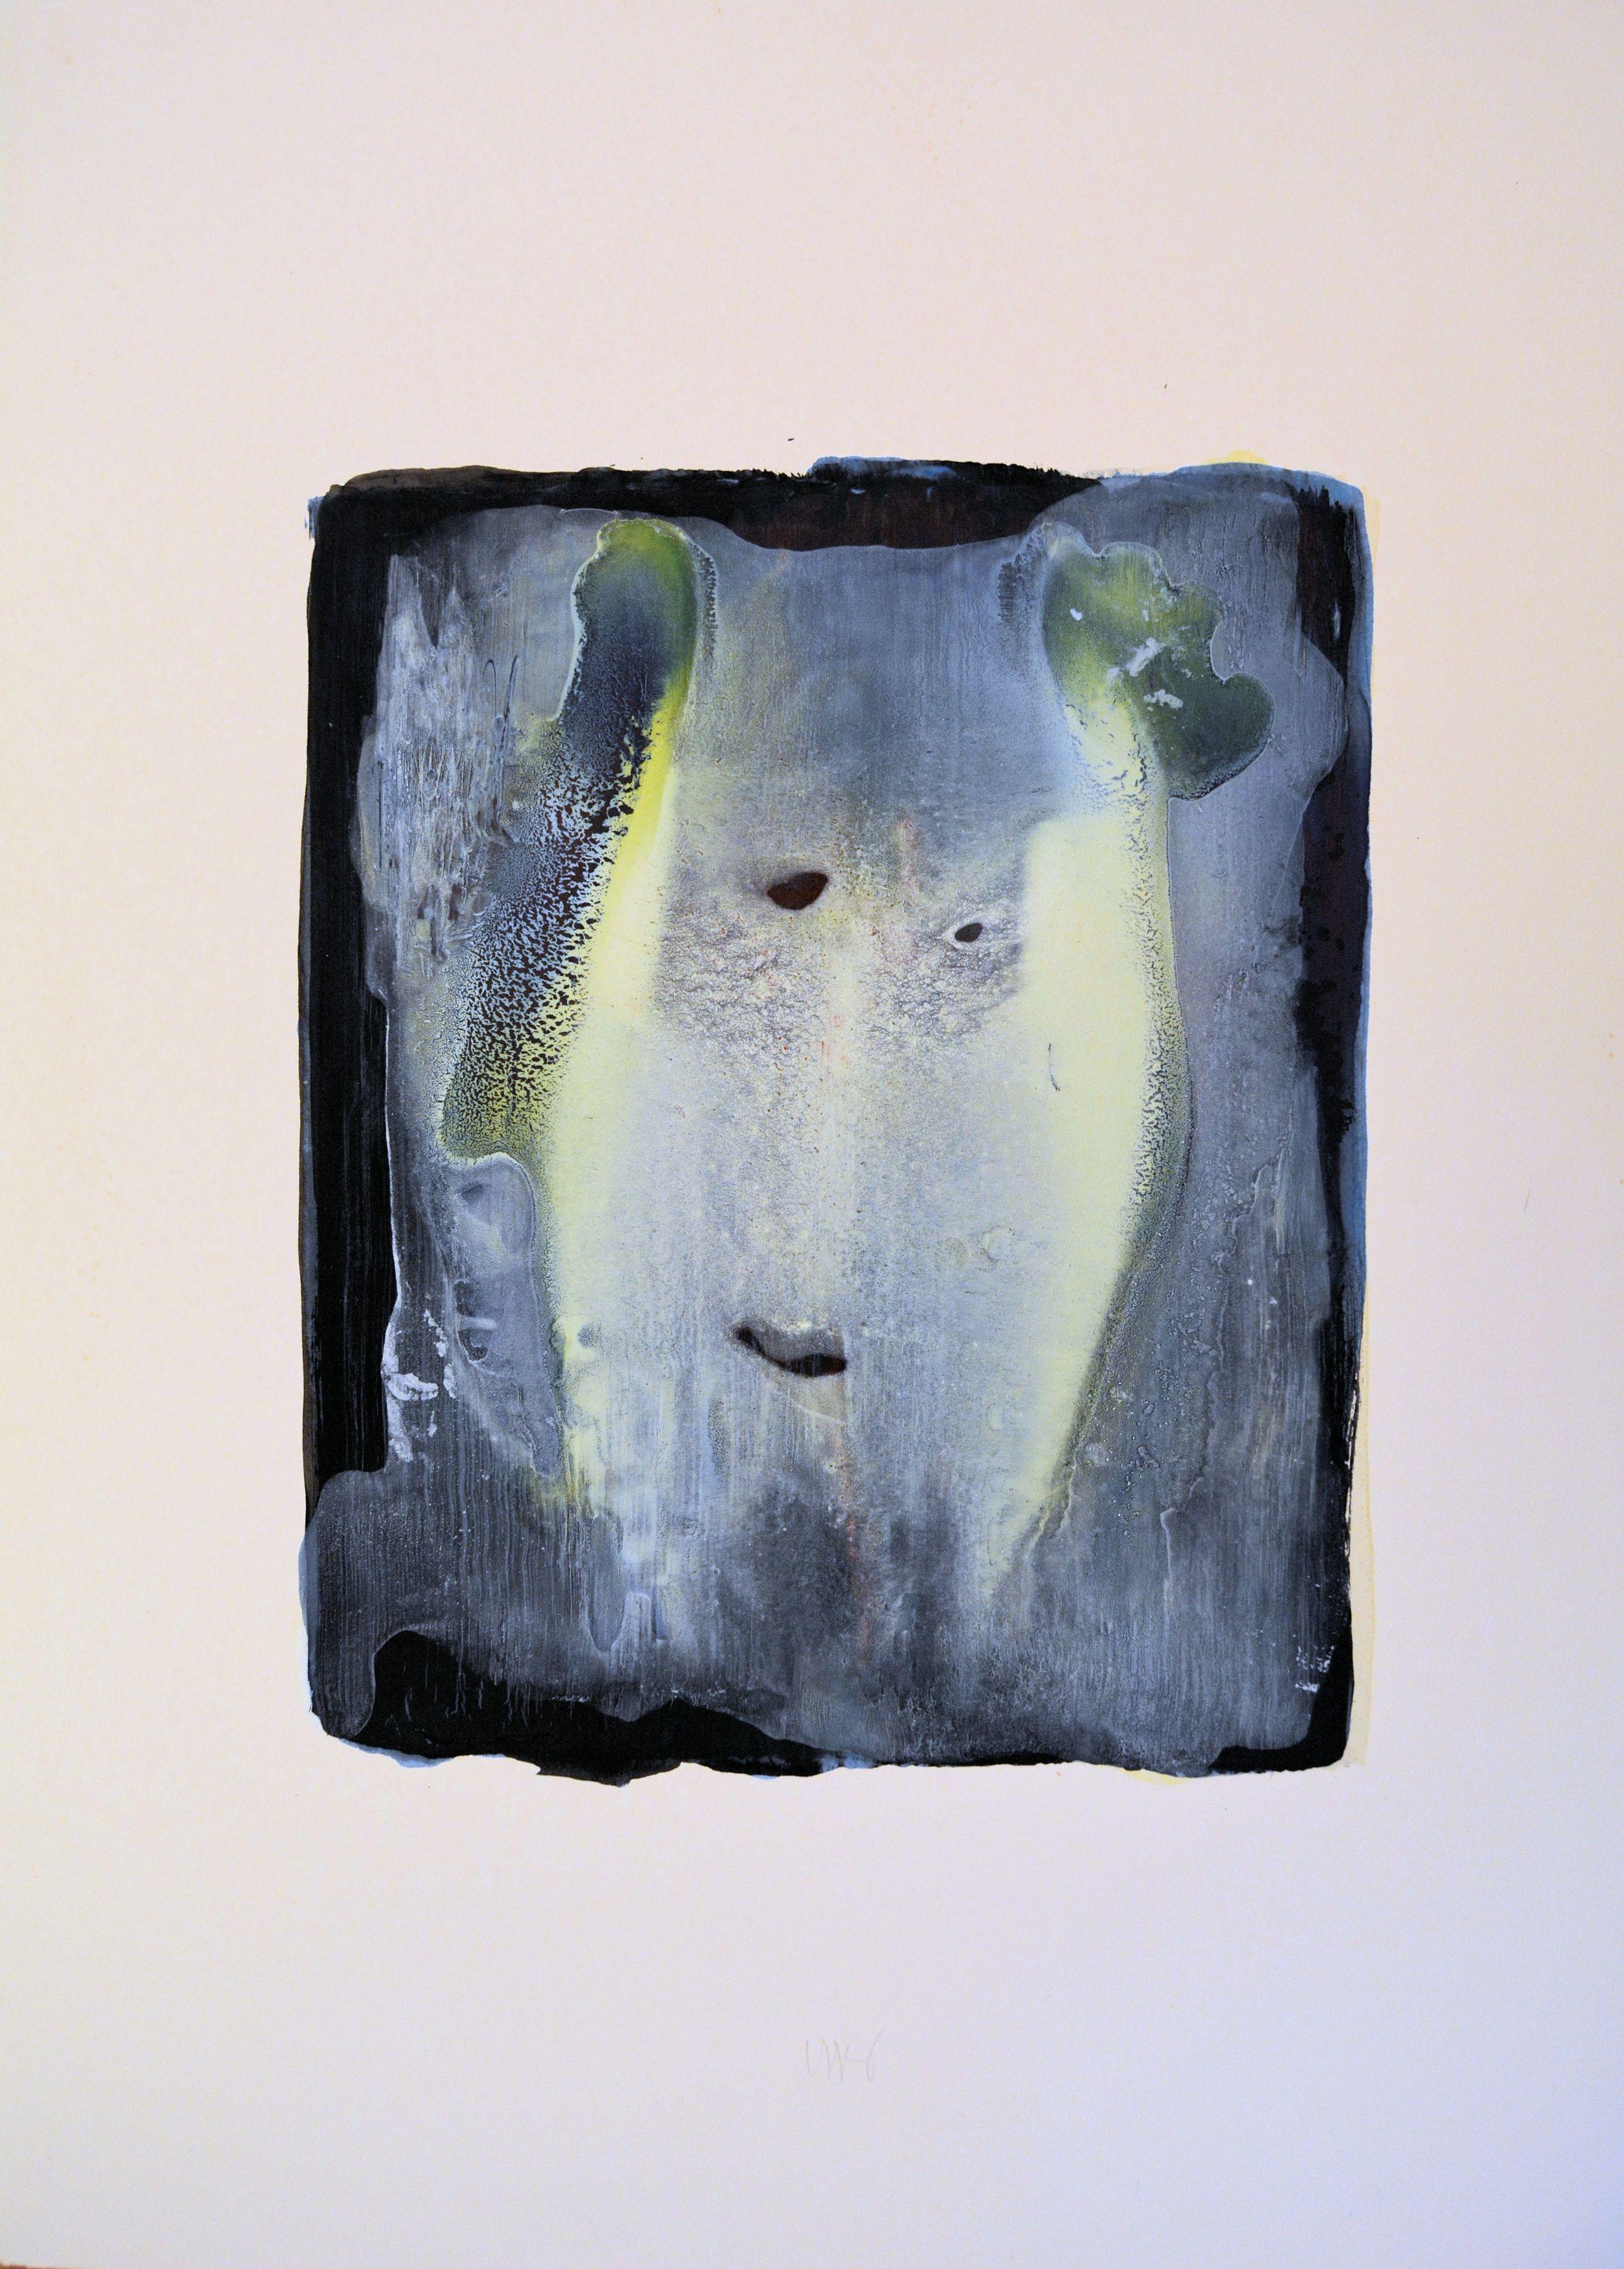 Testa, 2001,tempera acrilica su carta Fabriano, cm76 x 57  Testa,2001, acrylic on Fabriano paper, cm76 x 57